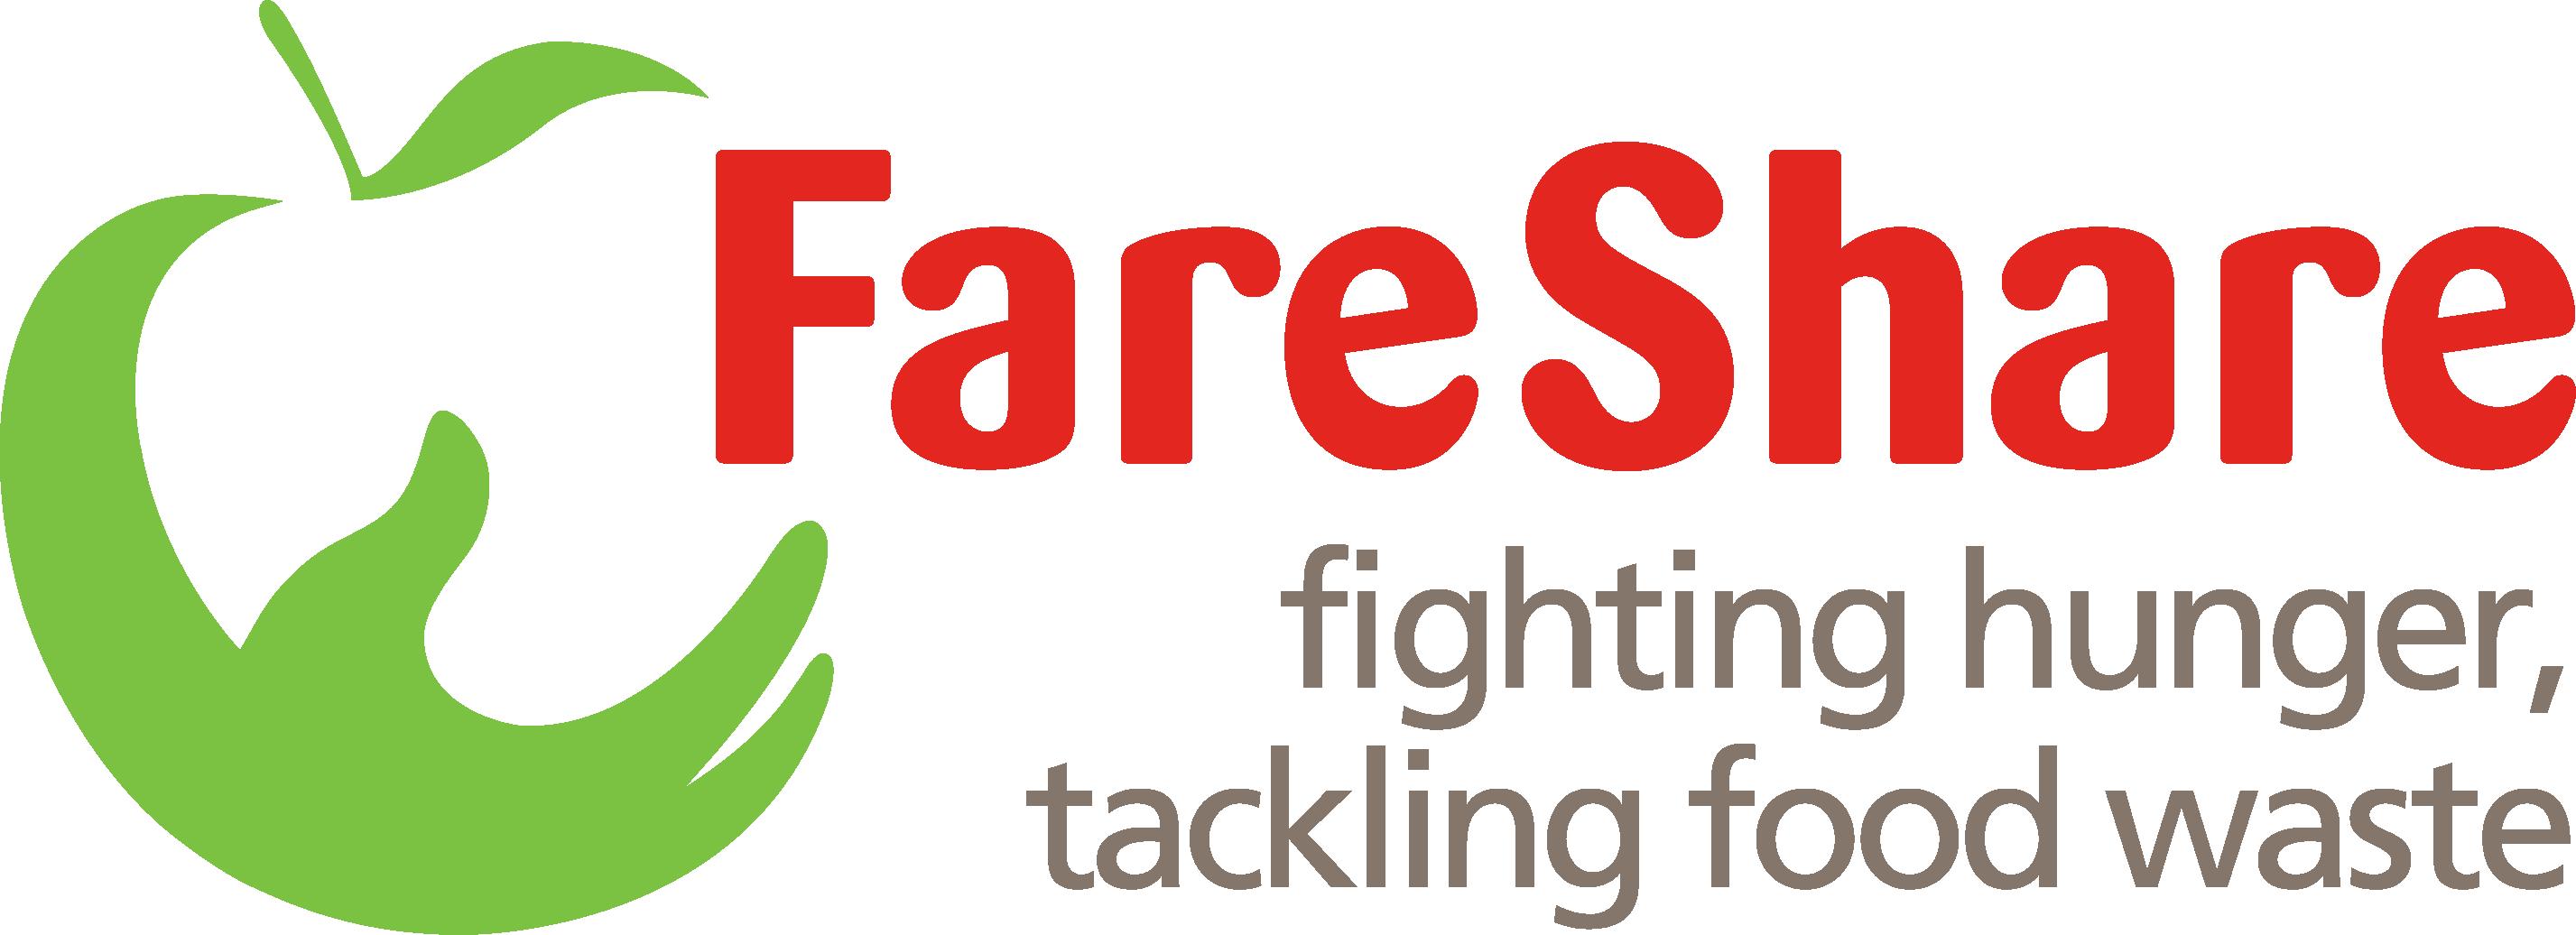 FS logo GENERAL USE RGB